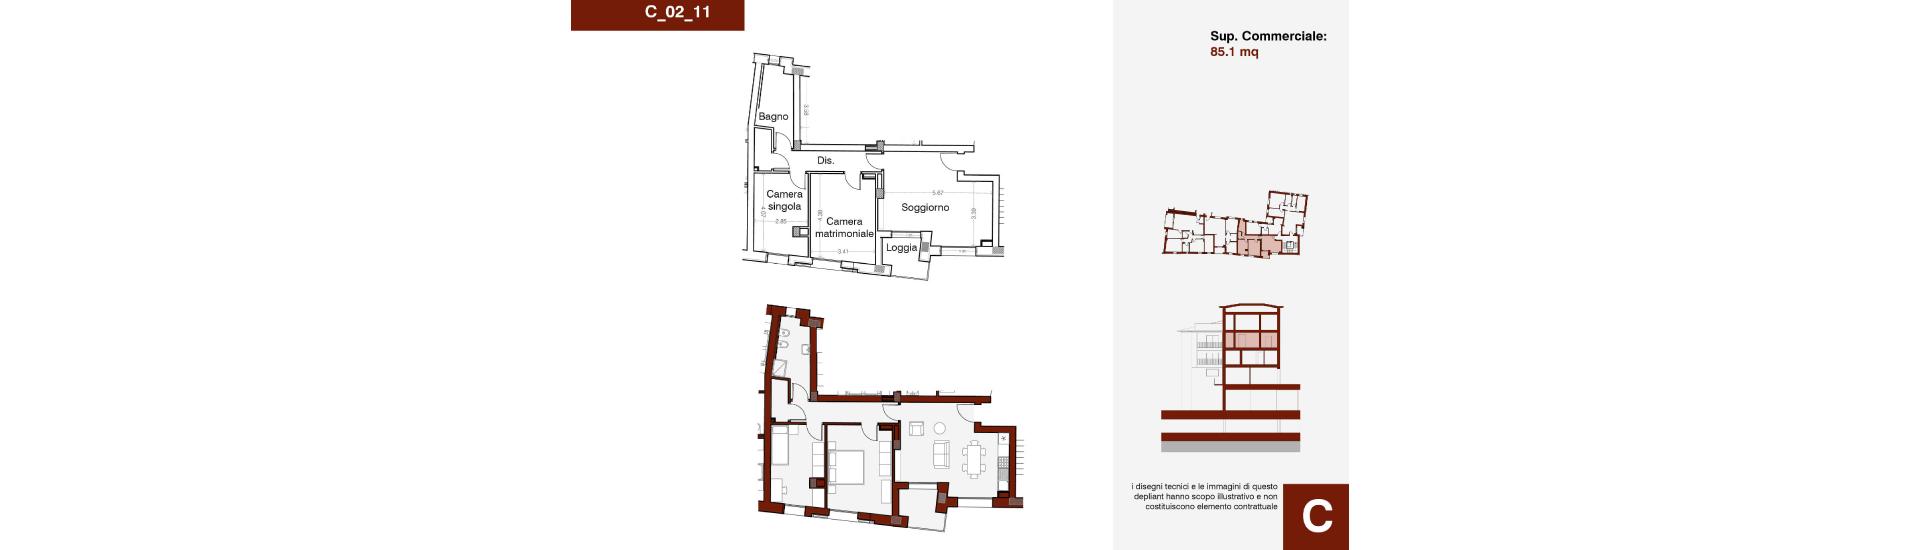 Edificio C, C_02_11, immagine completa